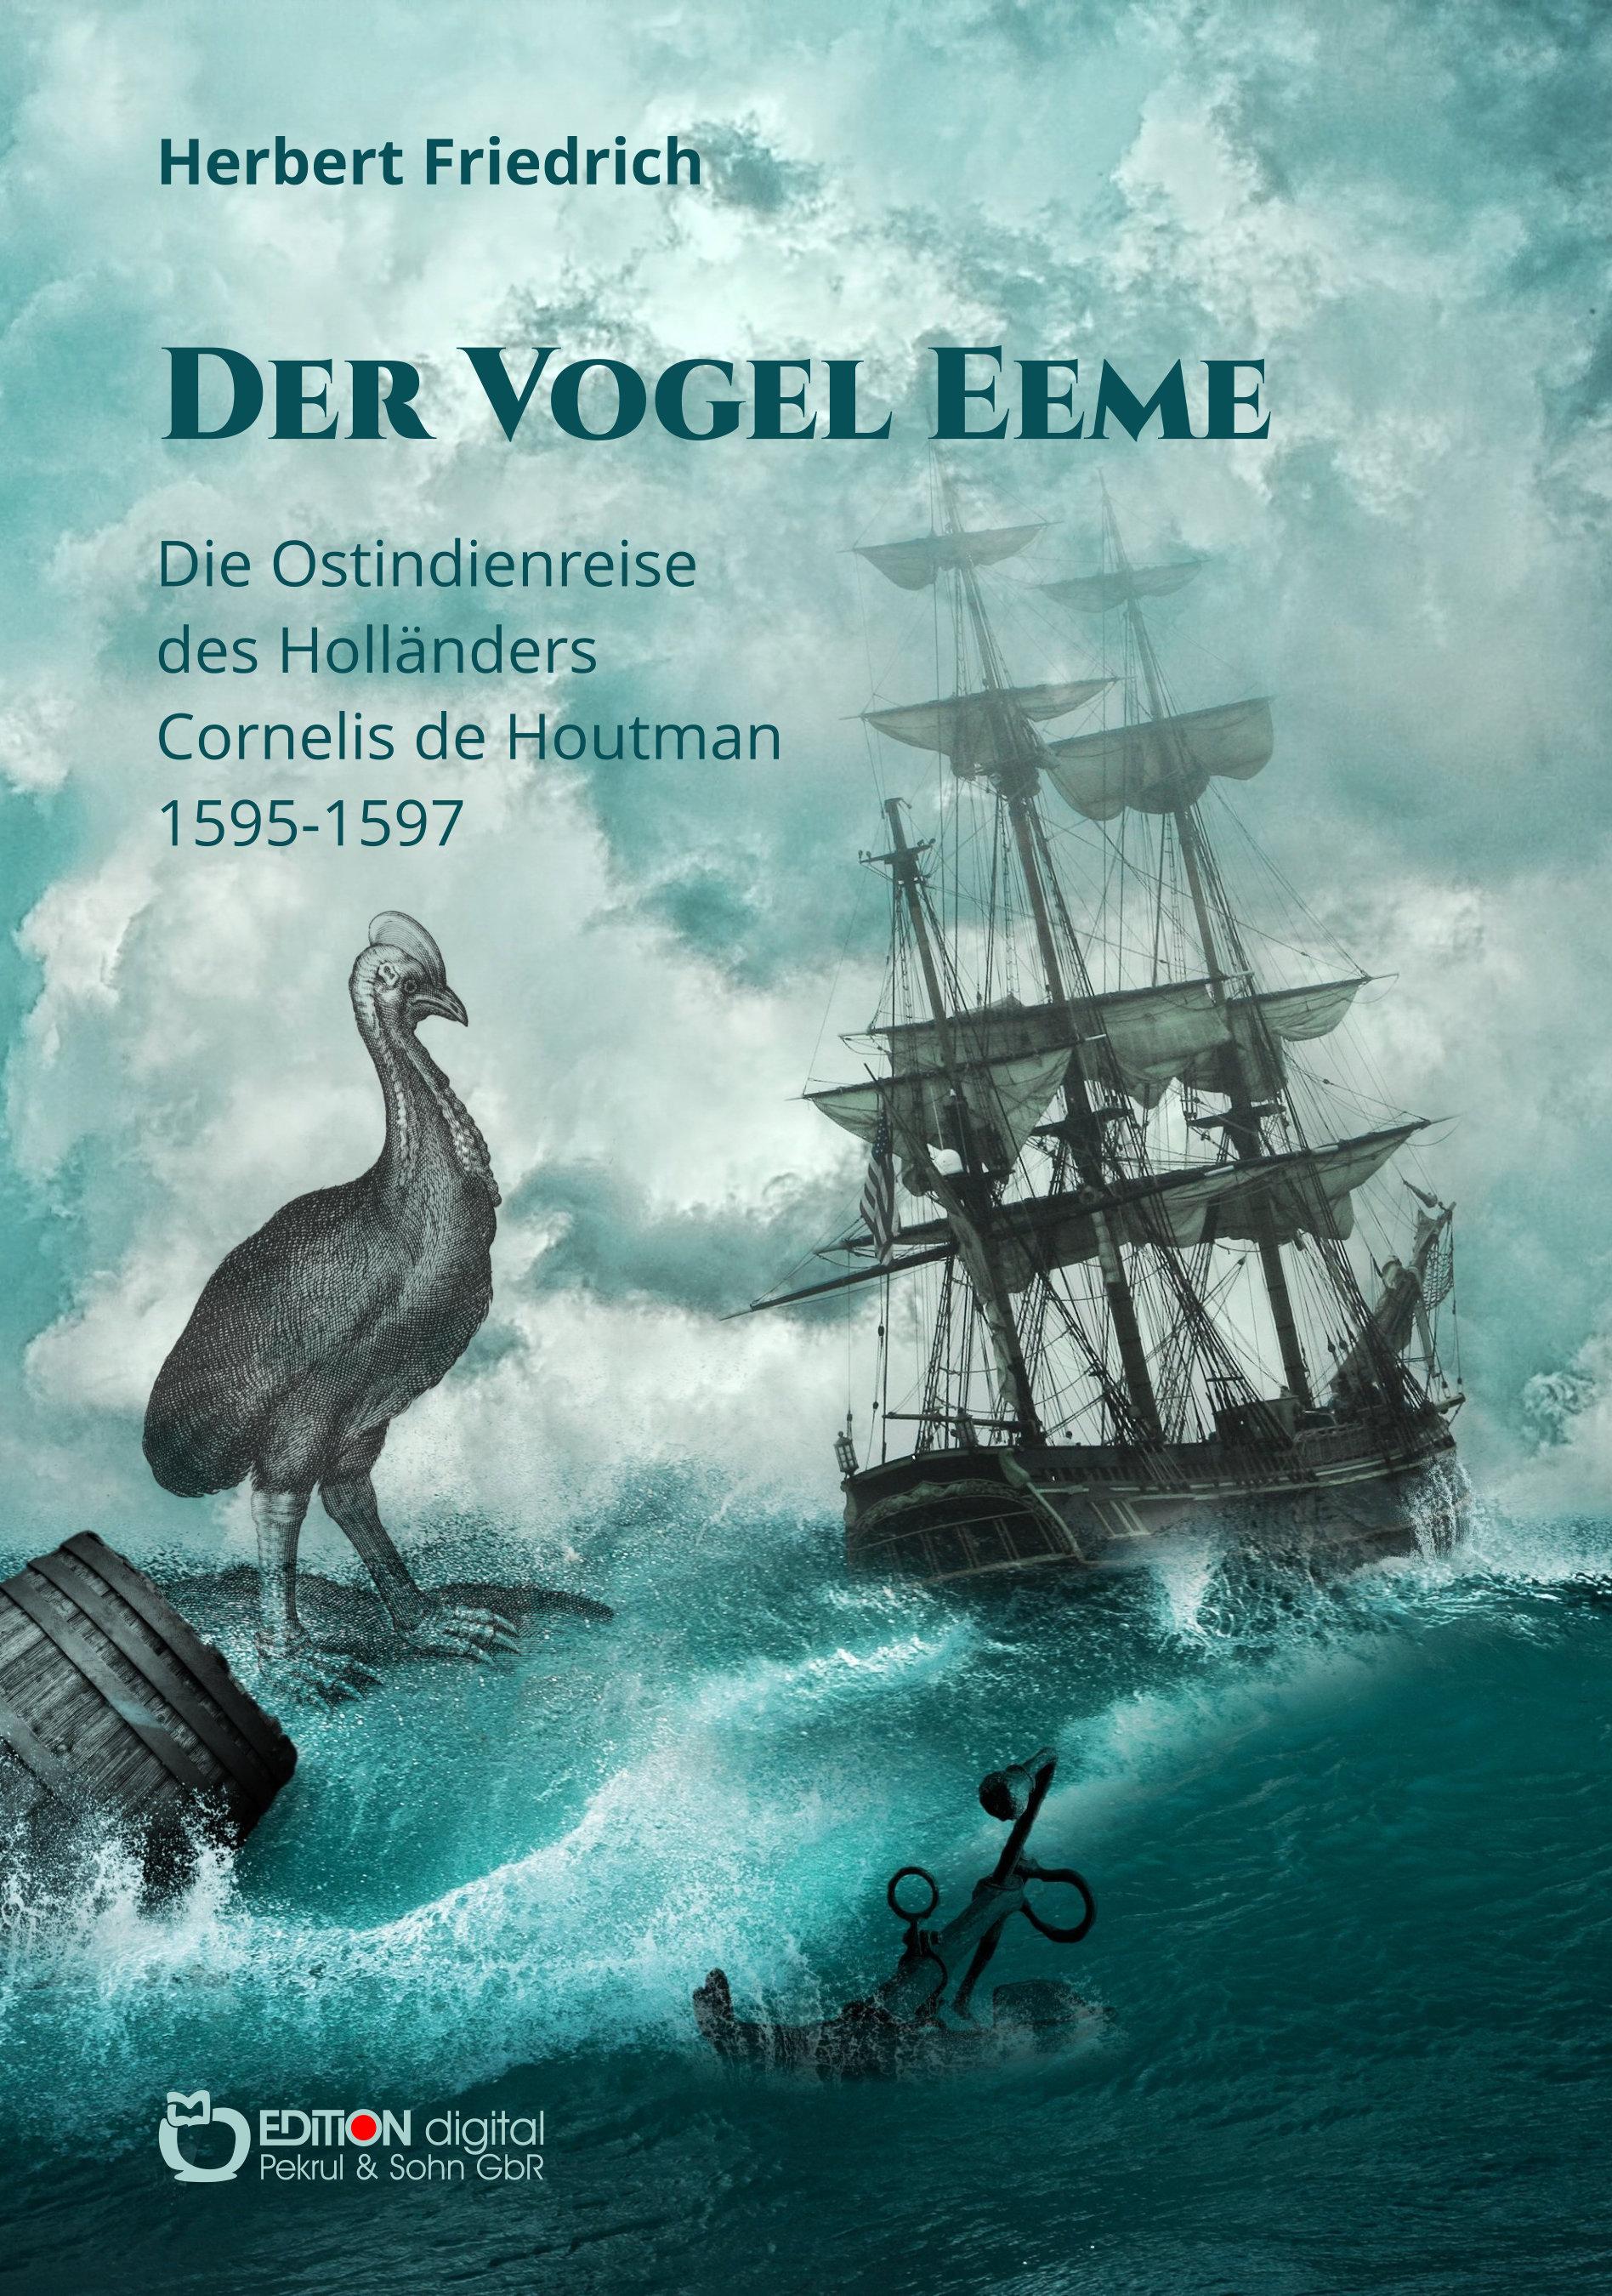 Der Vogel Eeme. Die Ostindienreise des Holländers Cornelis de Houtman 1595-1597 von Herbert Friedrich